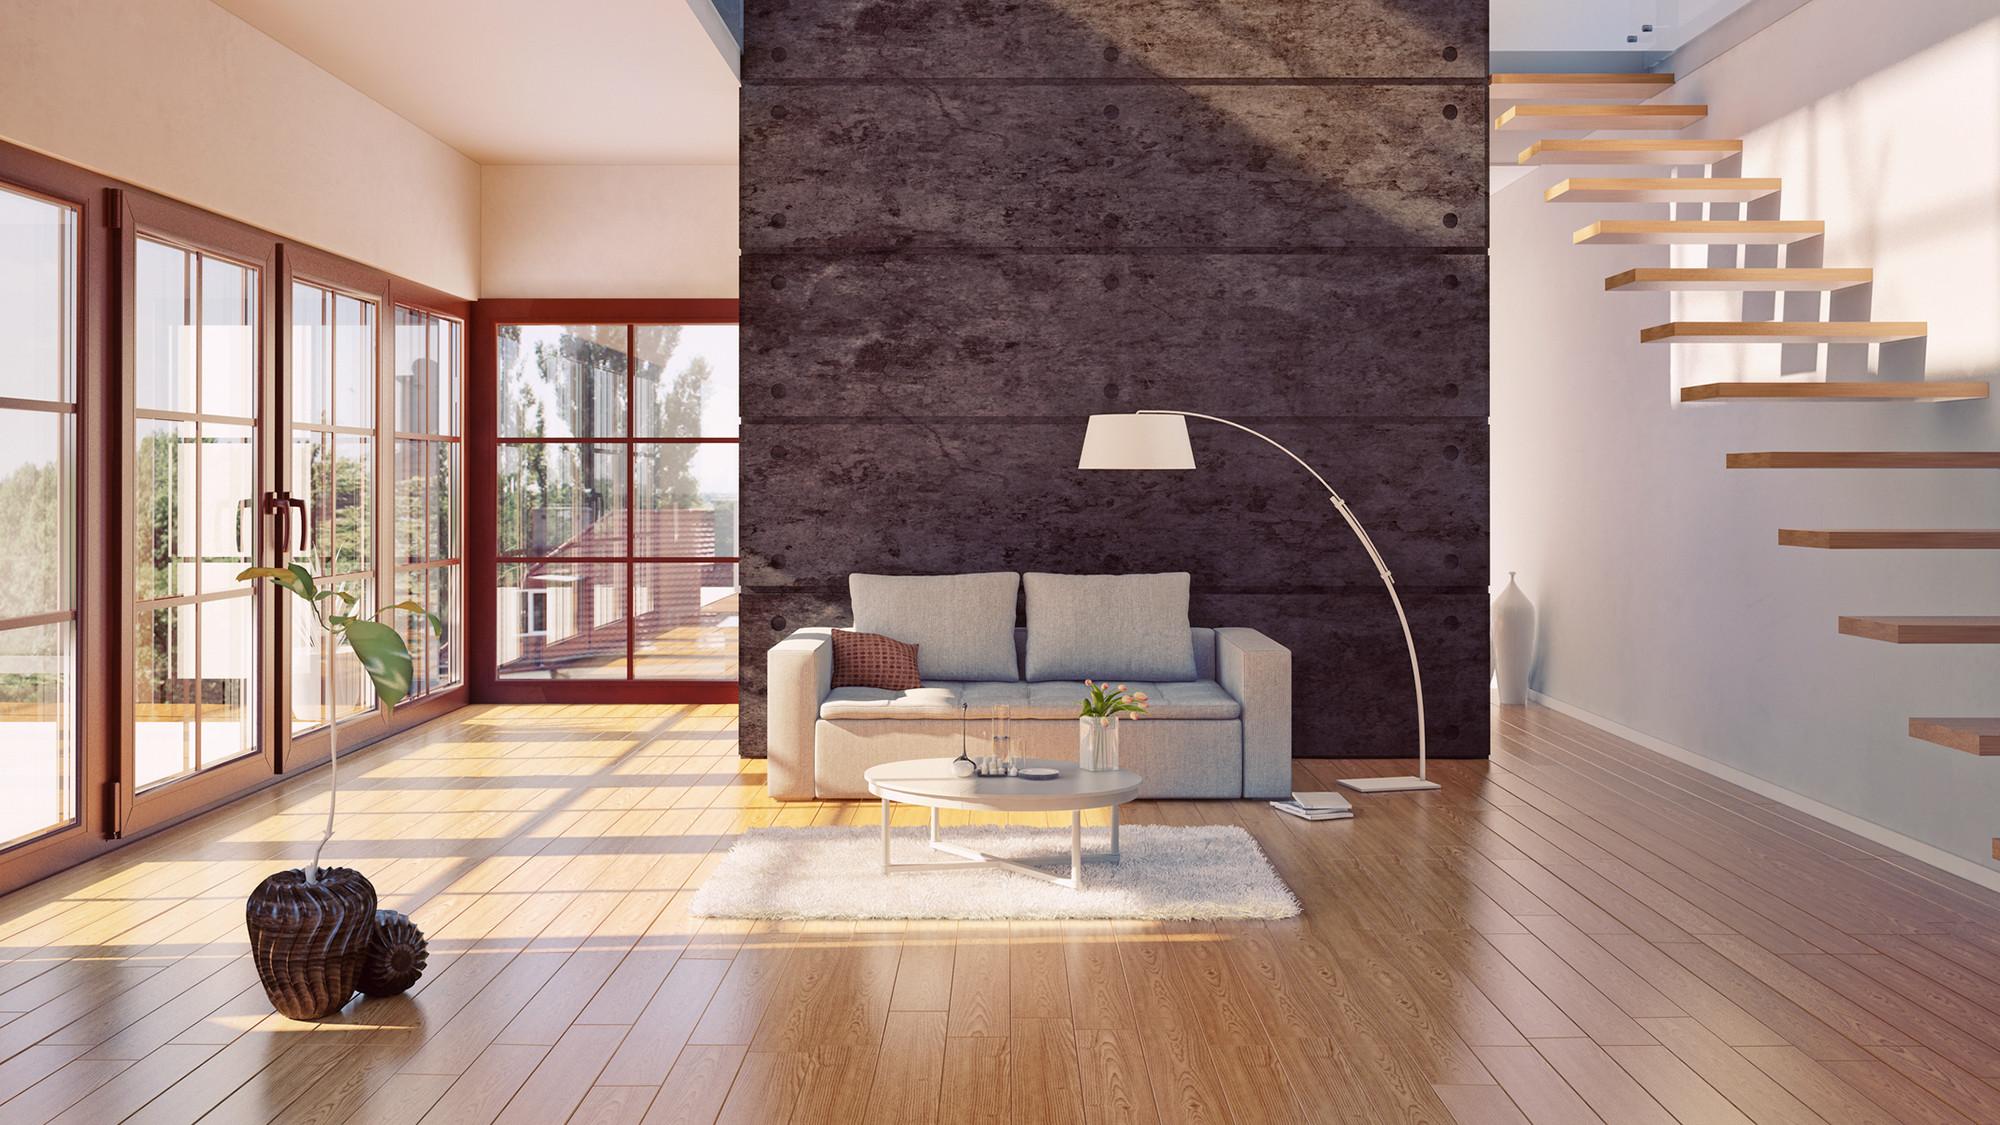 hardwood flooring flemington nj of do hardwood floors provide the best return on investment realtor coma with hardwood floors investment